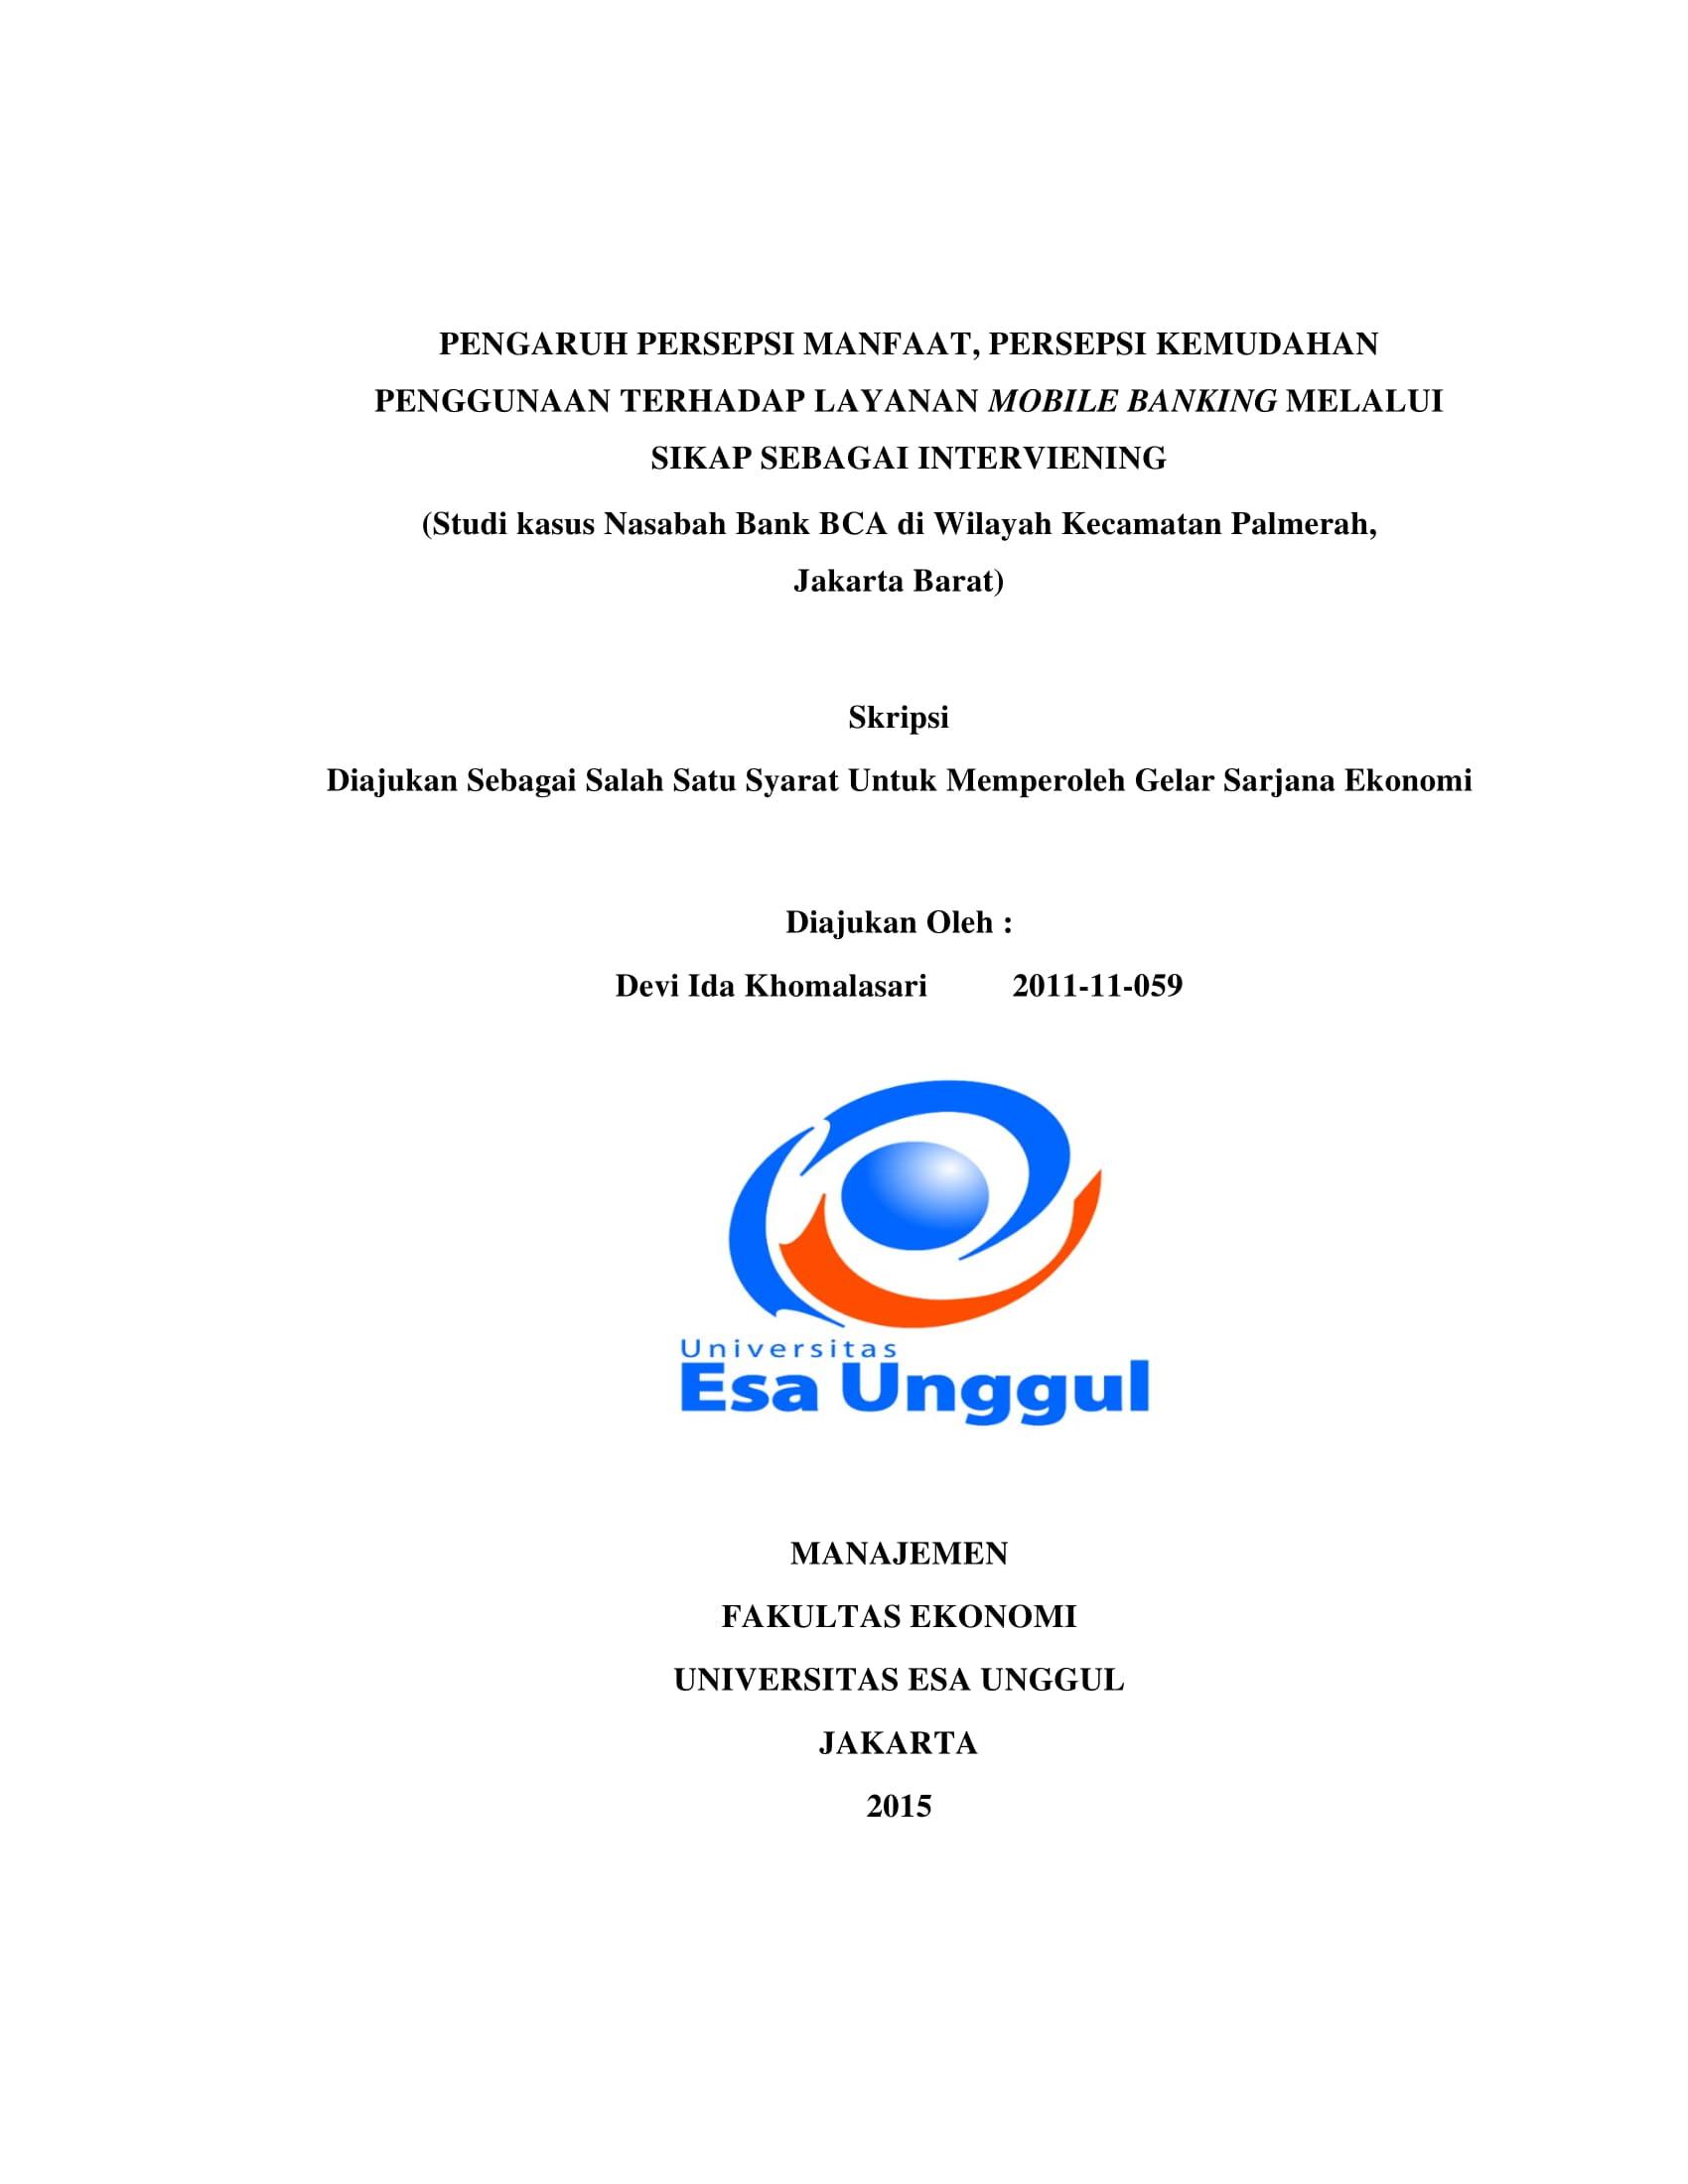 Pengaruh Persepsi Manfaat, Persepsi Kemudahan Penggunaan Terhadap Layanan Mobile Banking Melalui Sikap Sebagai Interviening (Studi Kasus Nasabah Bank BCA di Wilayah Kecamatan Palmerah, Jakarta Barat)